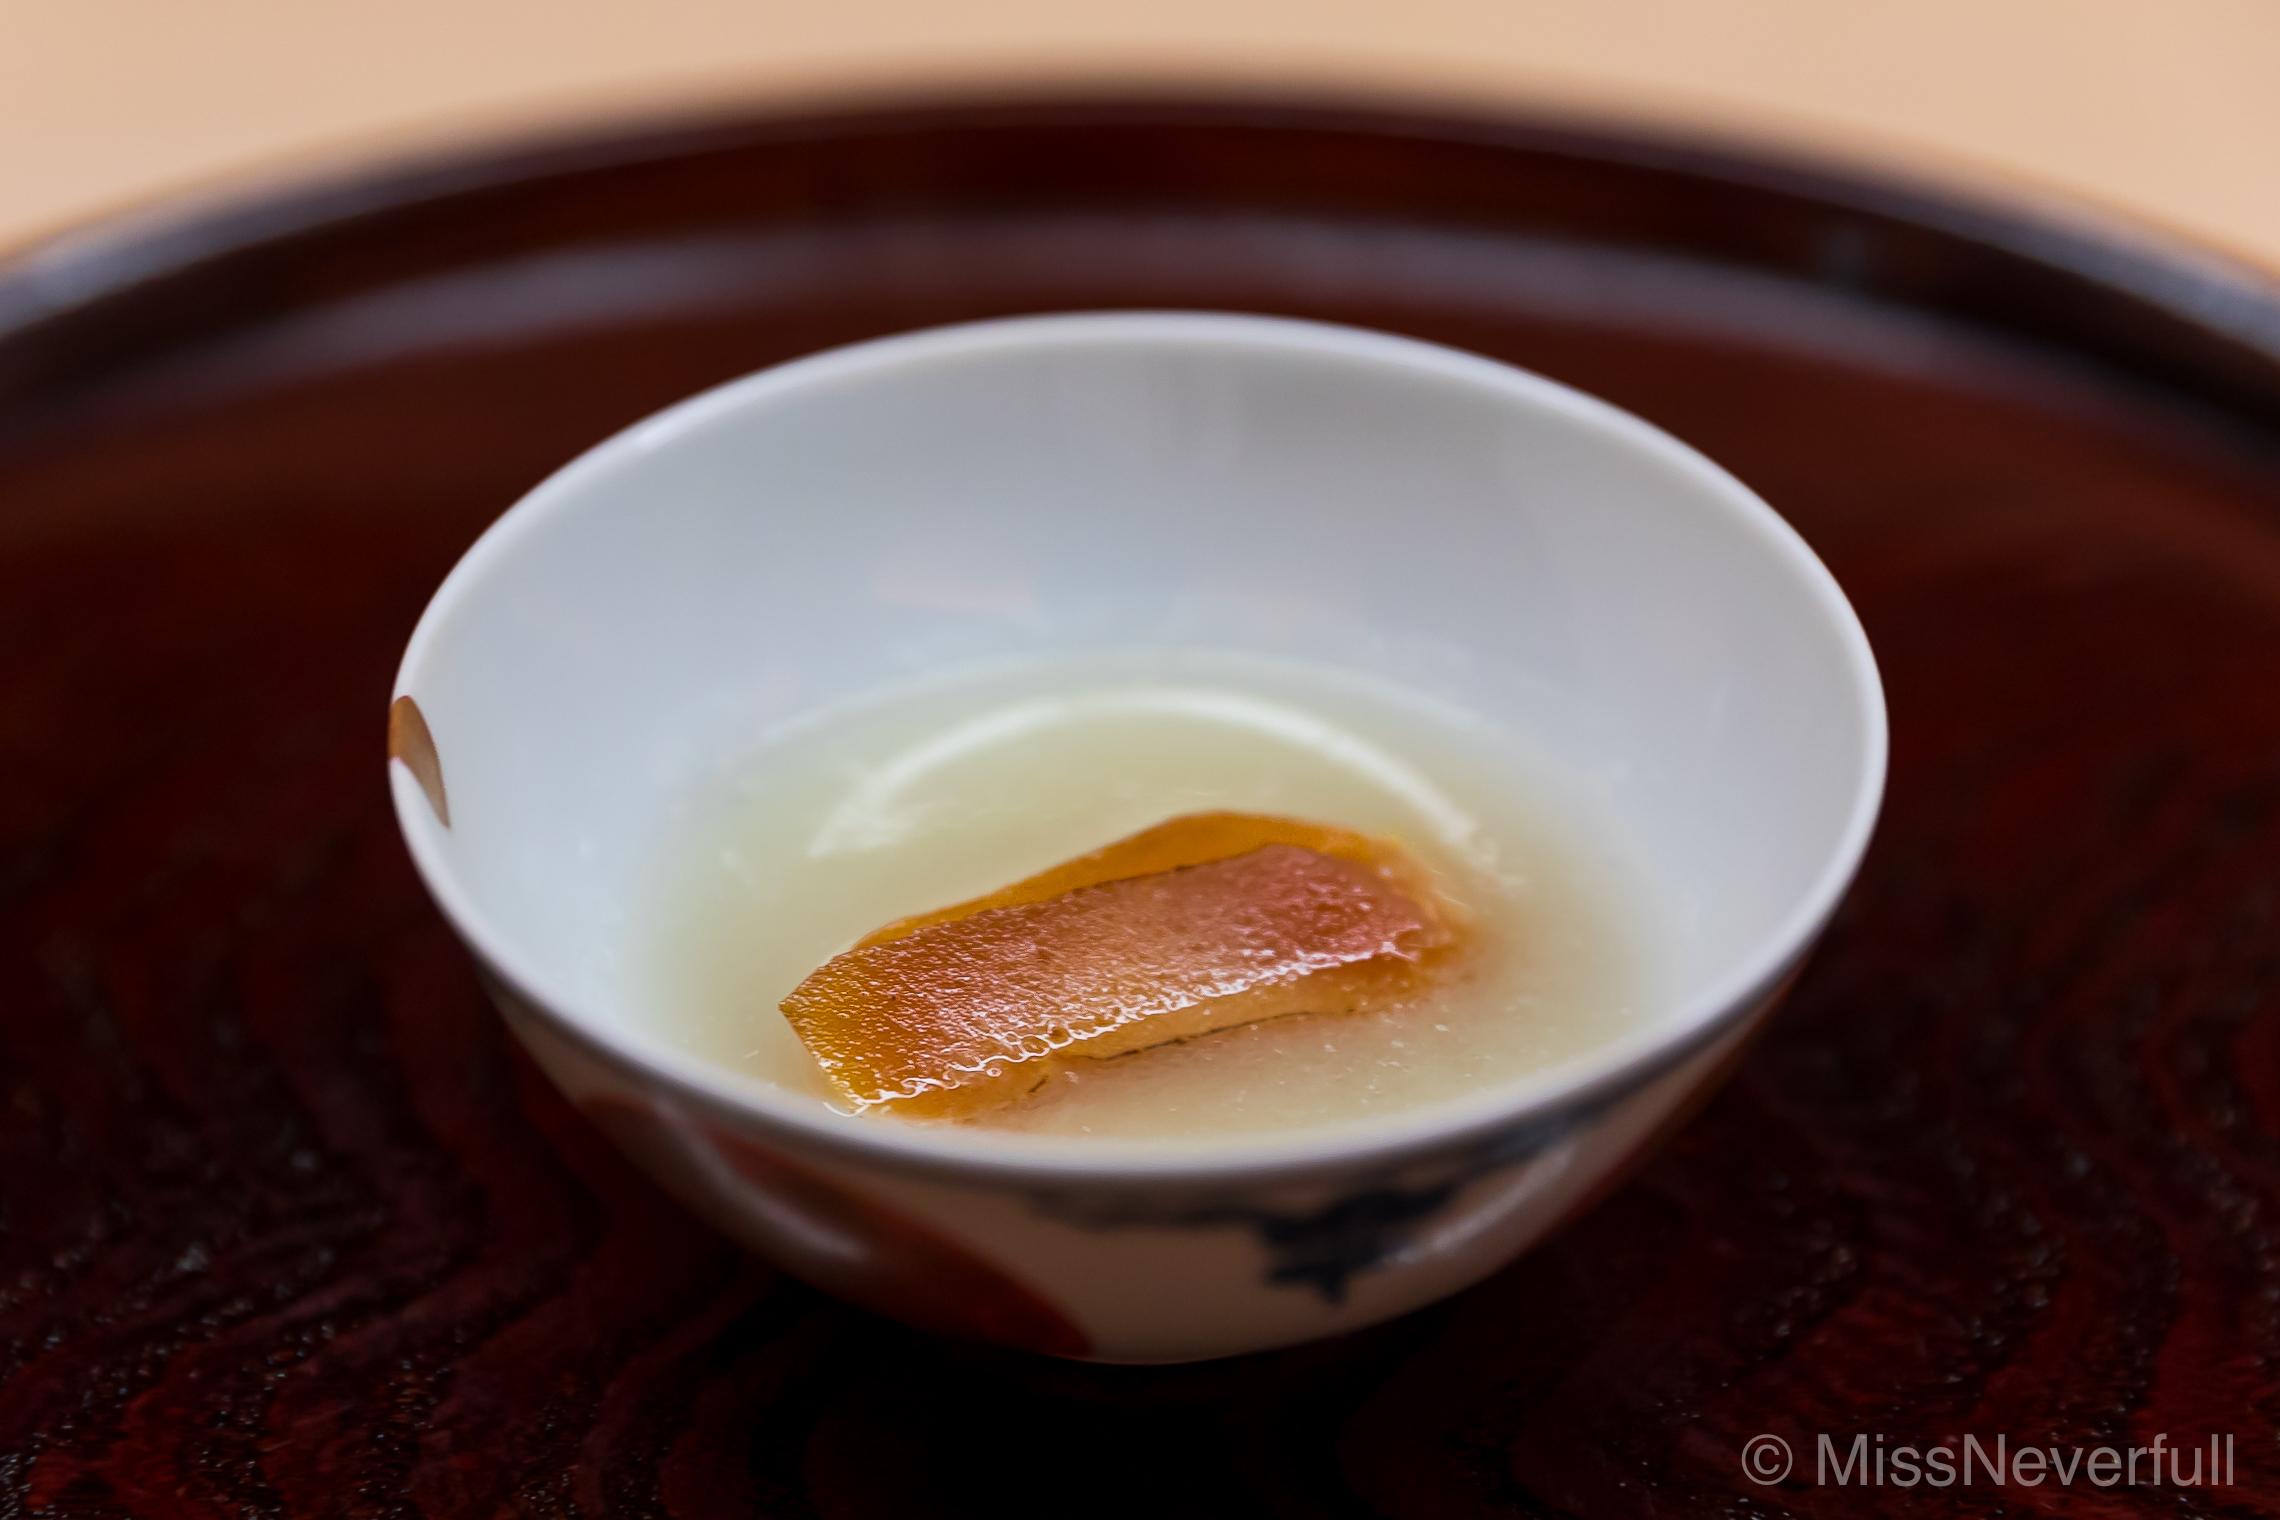 6. Karasumi, grilled mochi, daikon